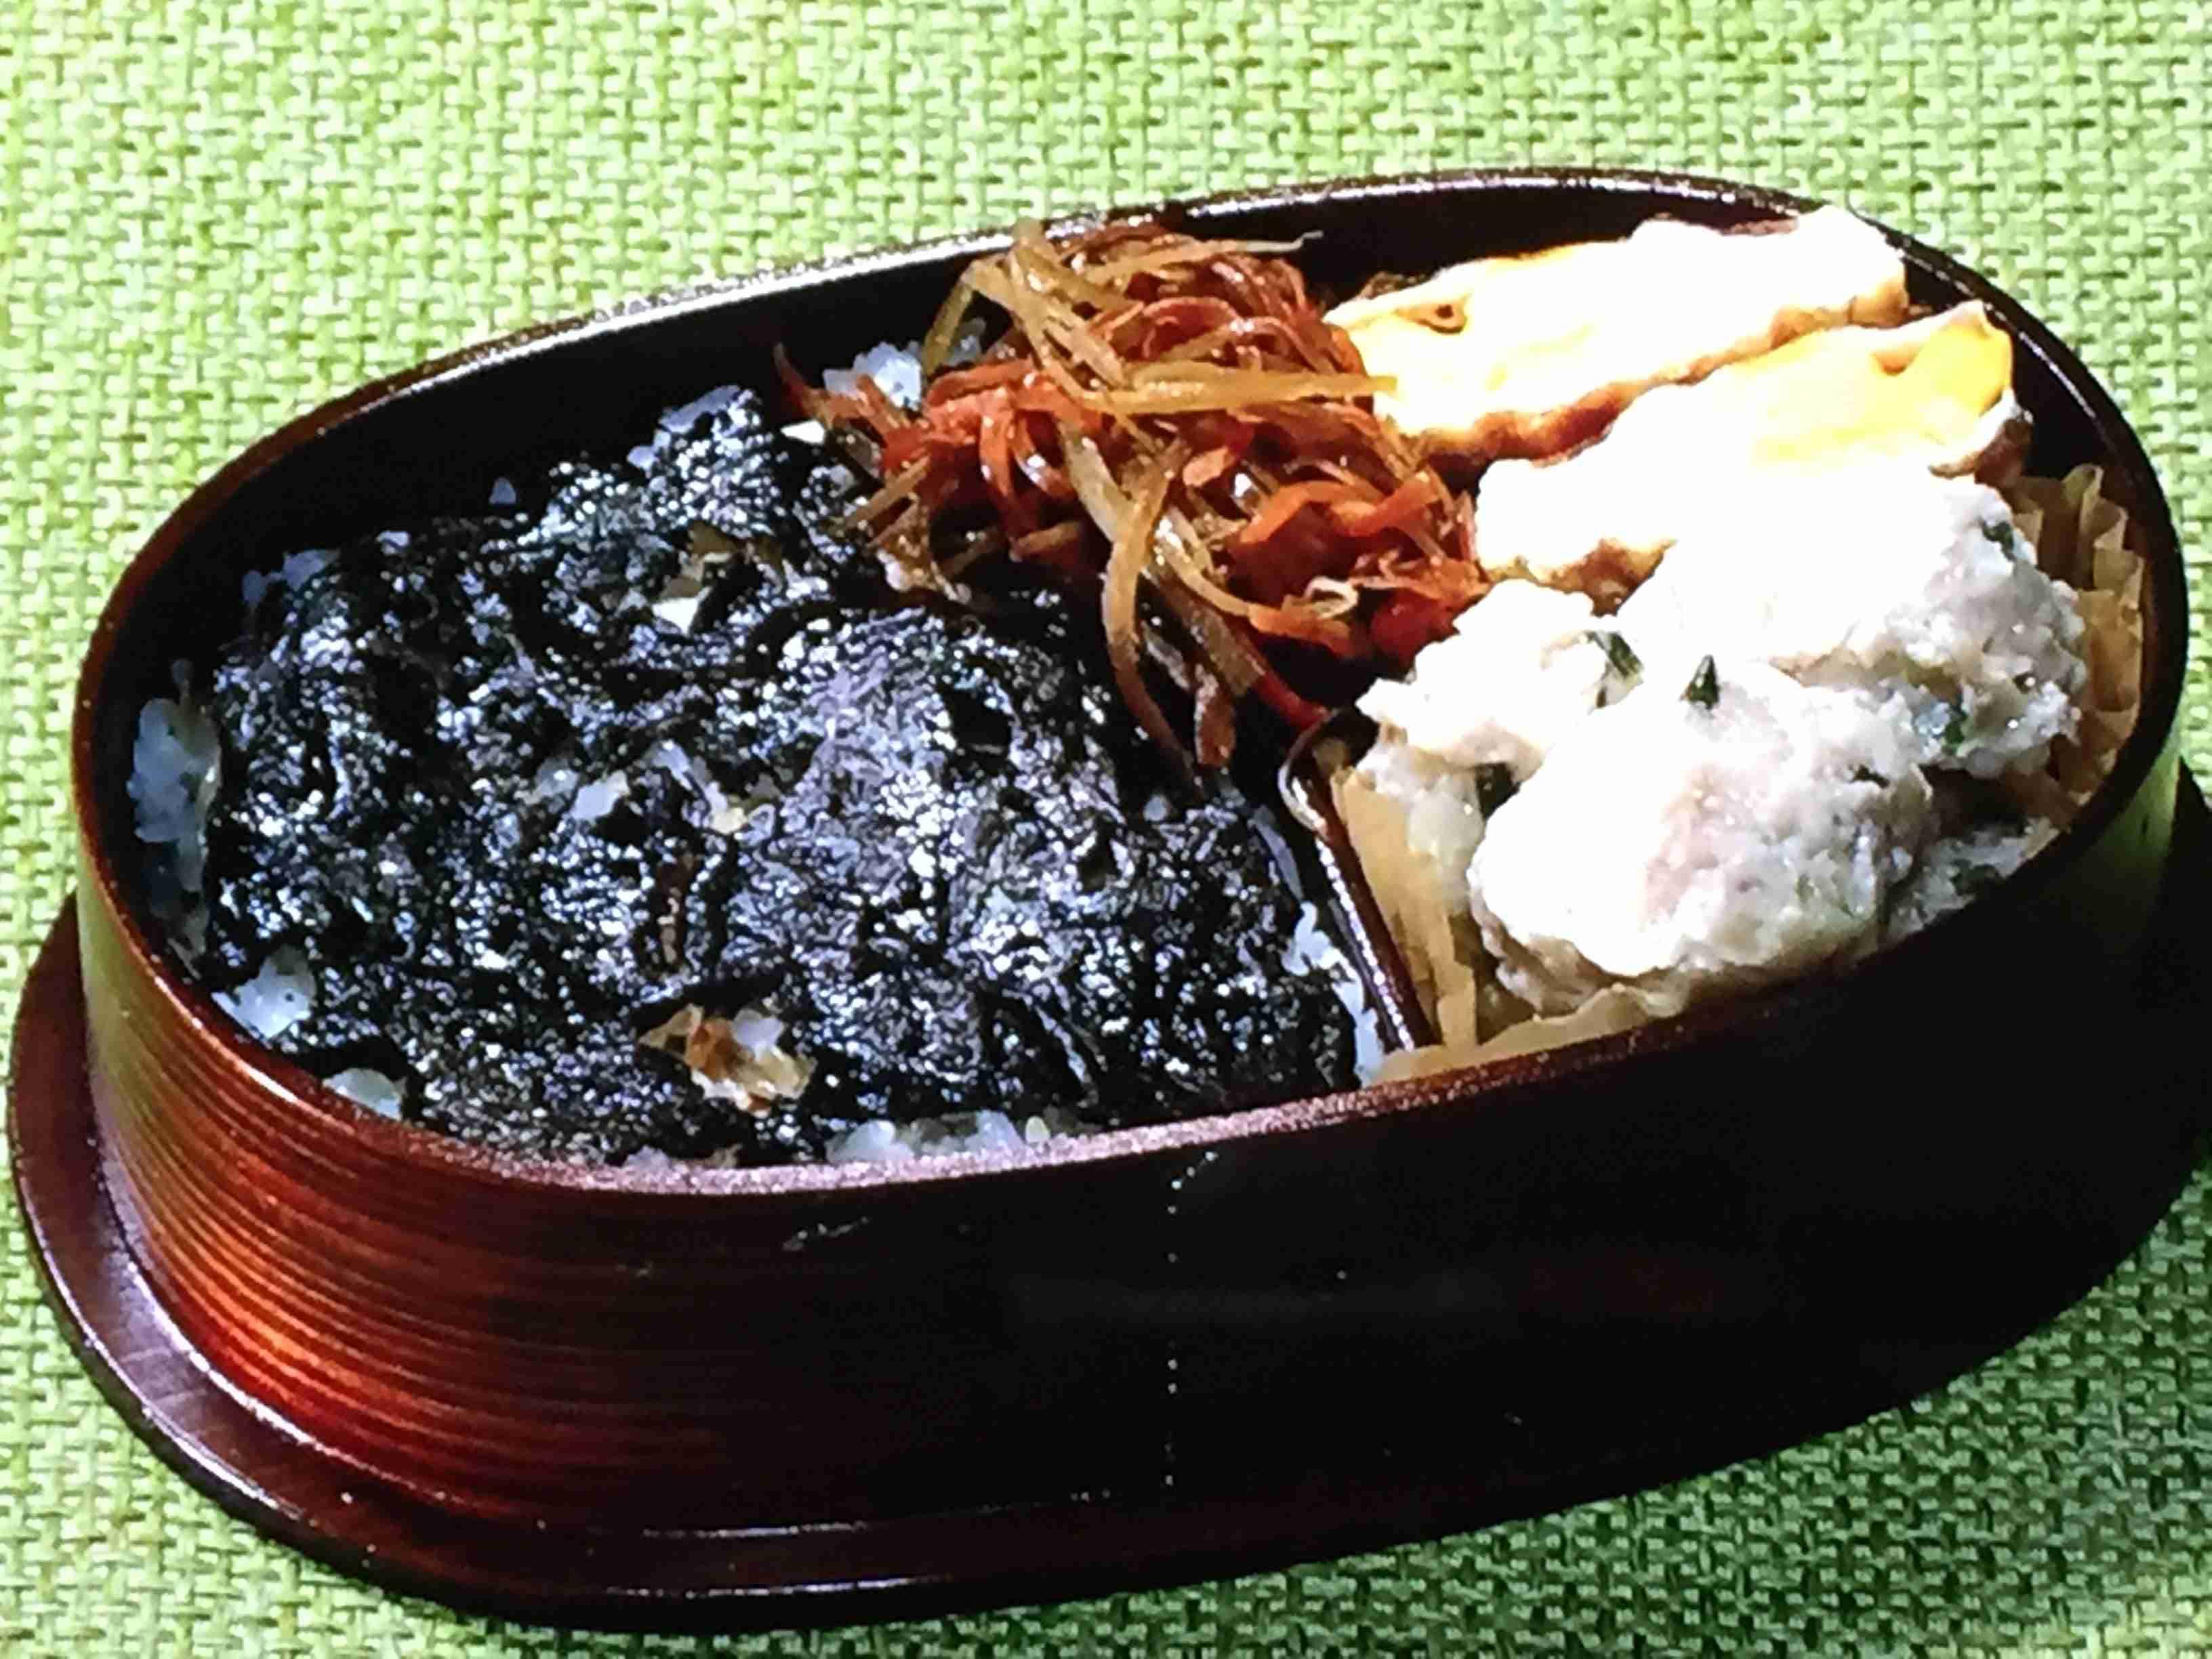 NHKきょうの料理は鶏つくねのり弁当・きんぴらごぼう・卵の折りたたみ焼きレシピ!飛田和緒のお弁当 | きょうの料理 レシピ研究ブログ